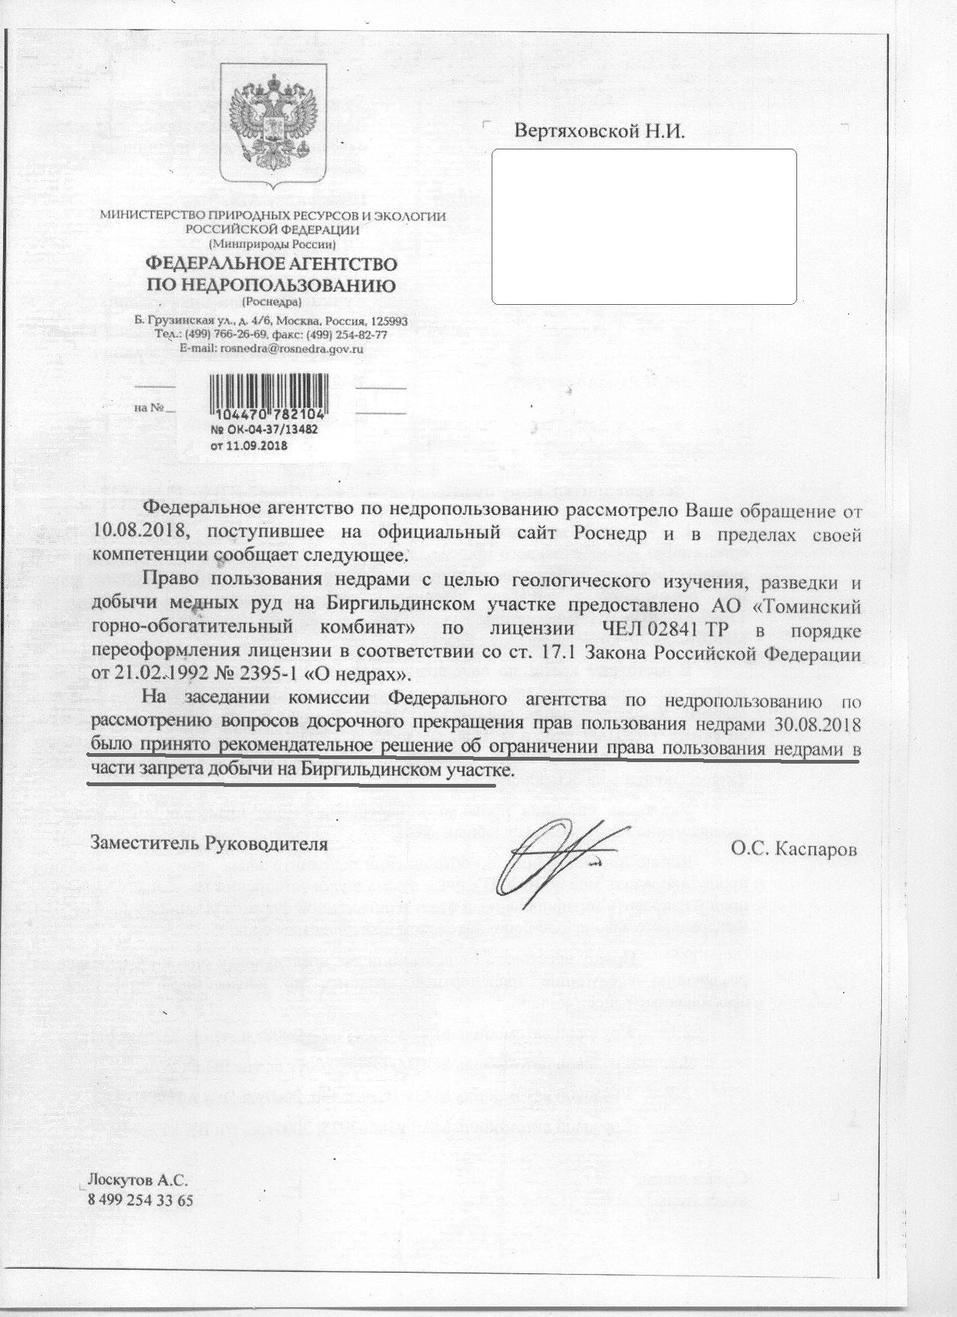 Томинскому ГОКу запретили добычу руды на одном из участков 1